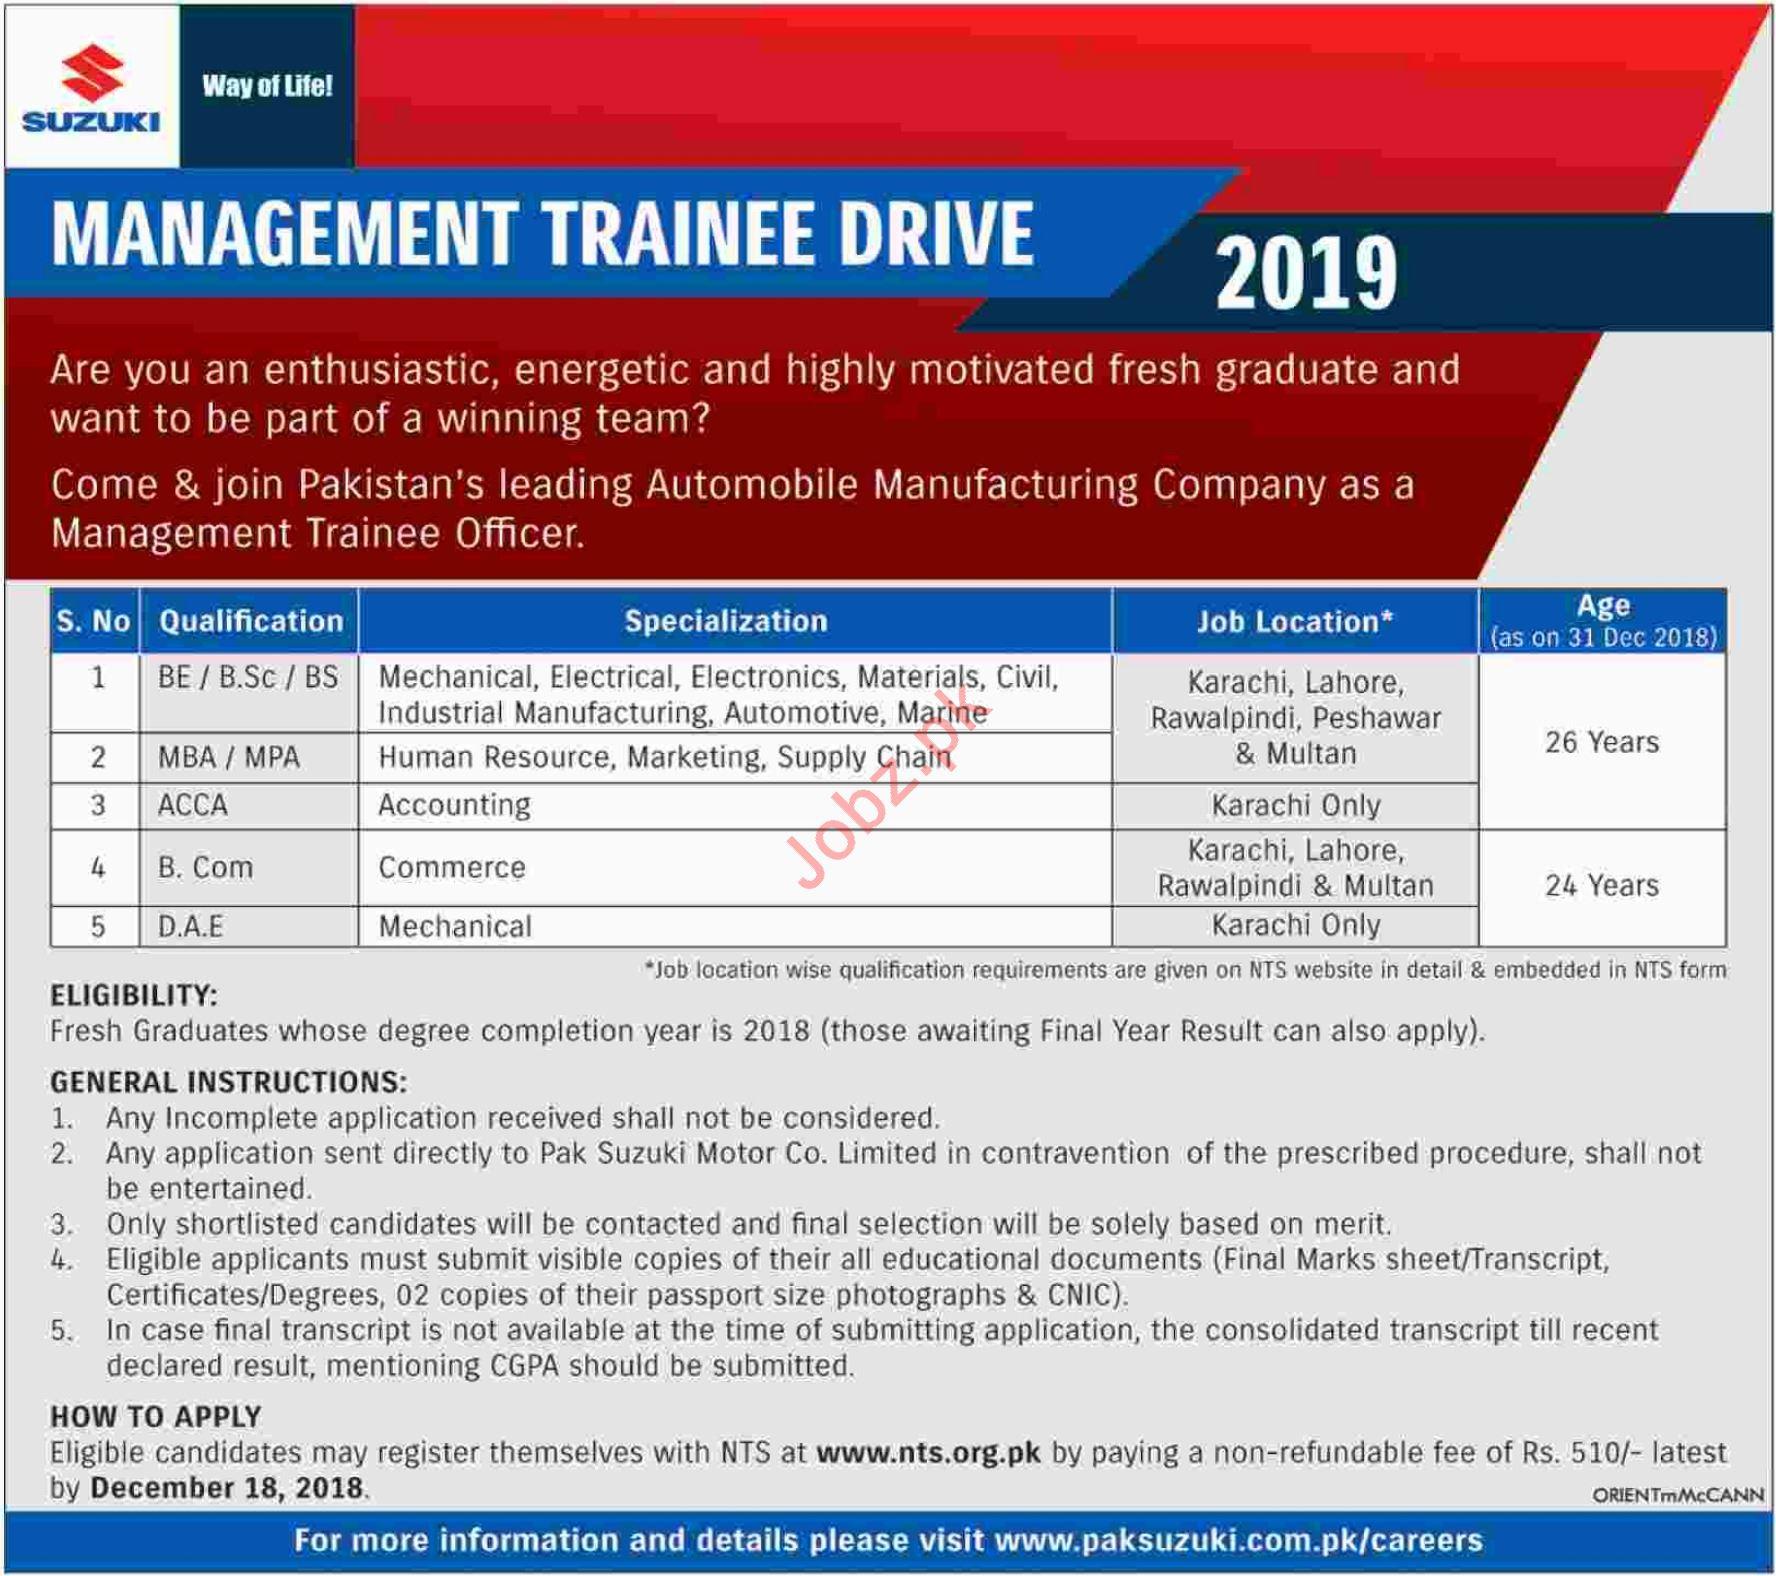 Pak Suzuki Motor Co Ltd Jobs For Management Trainee Officer